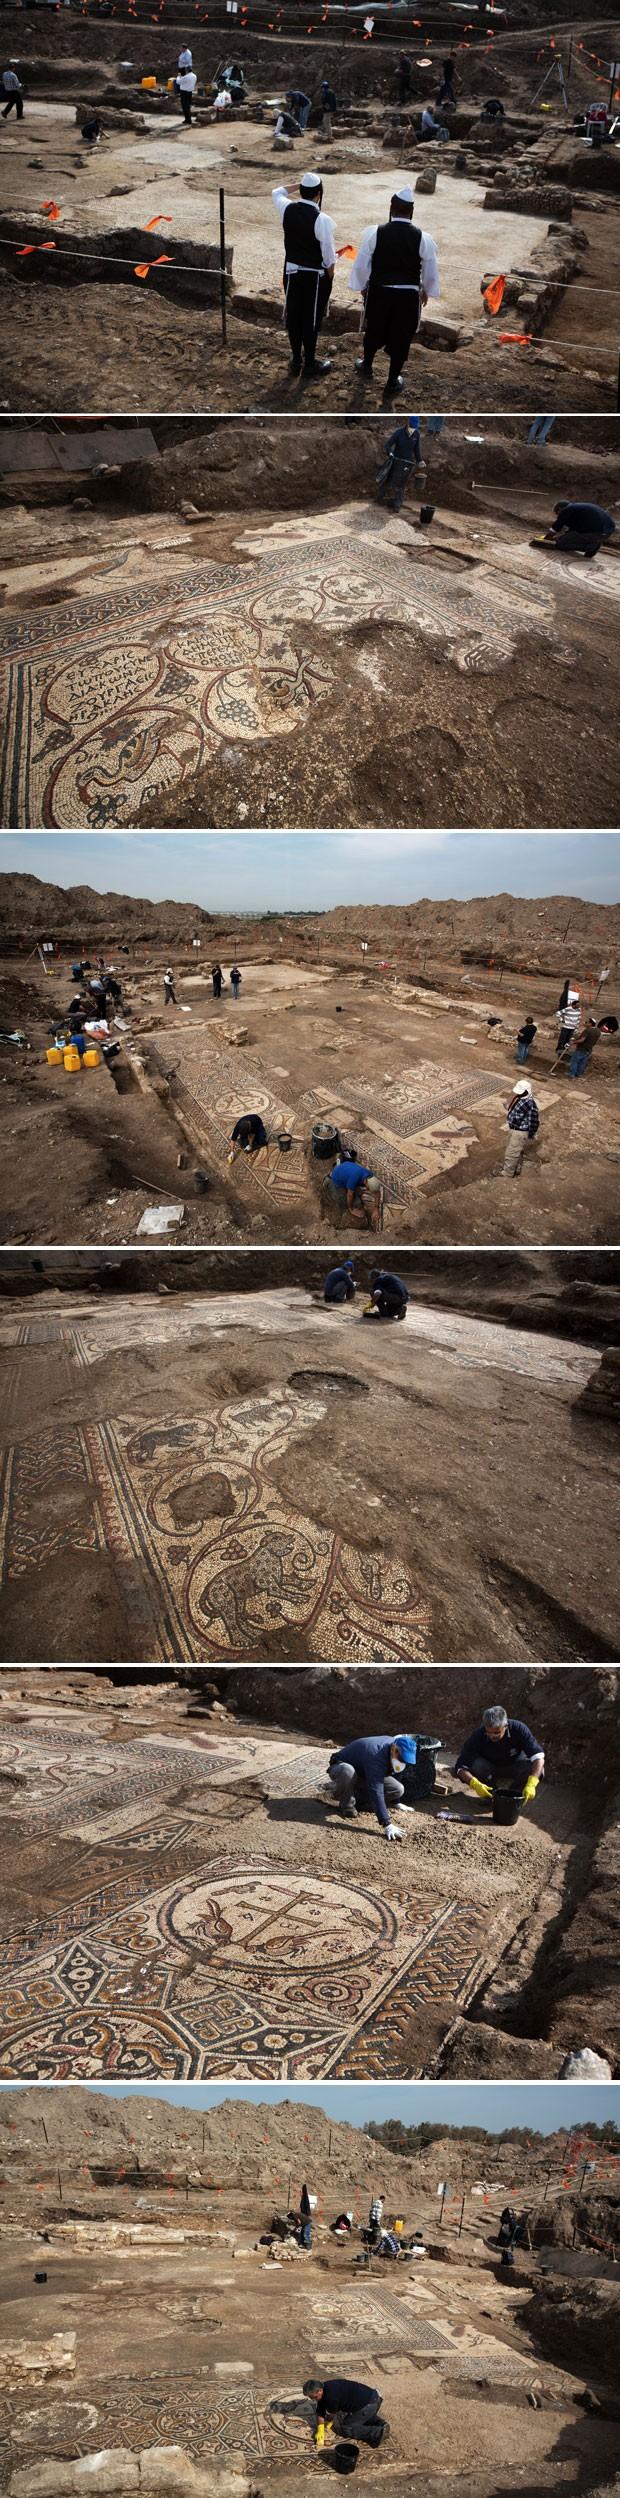 Trabalhos deescacação do mosaico em Israel (Foto: Menahem Kahana/AFP)